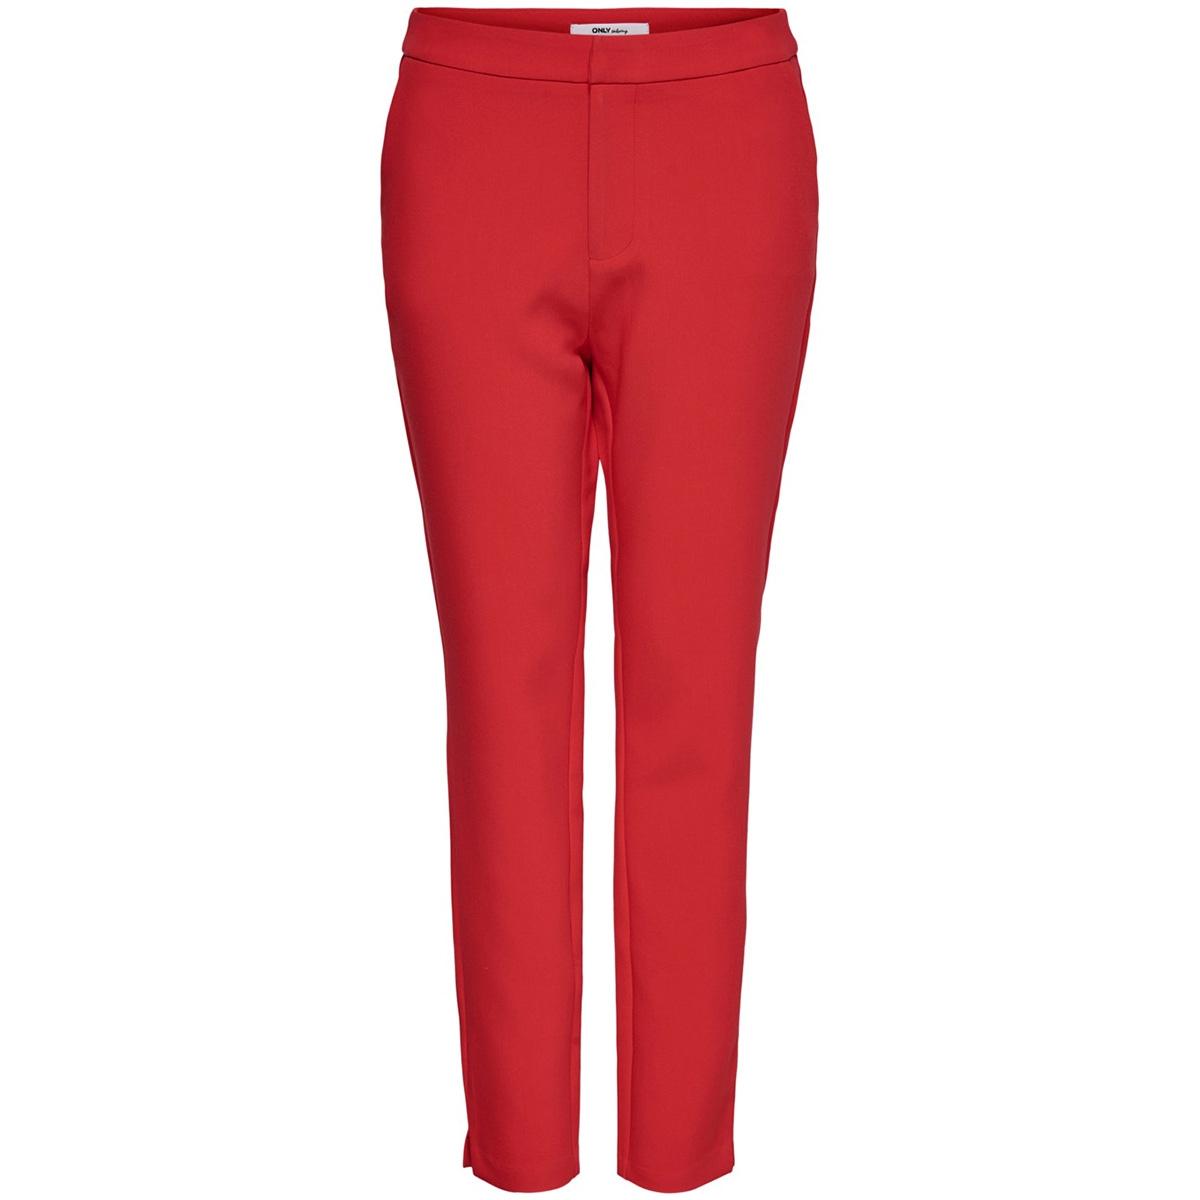 onleline-lely mw cigarette pant pnt 15195827 only broek high risk red